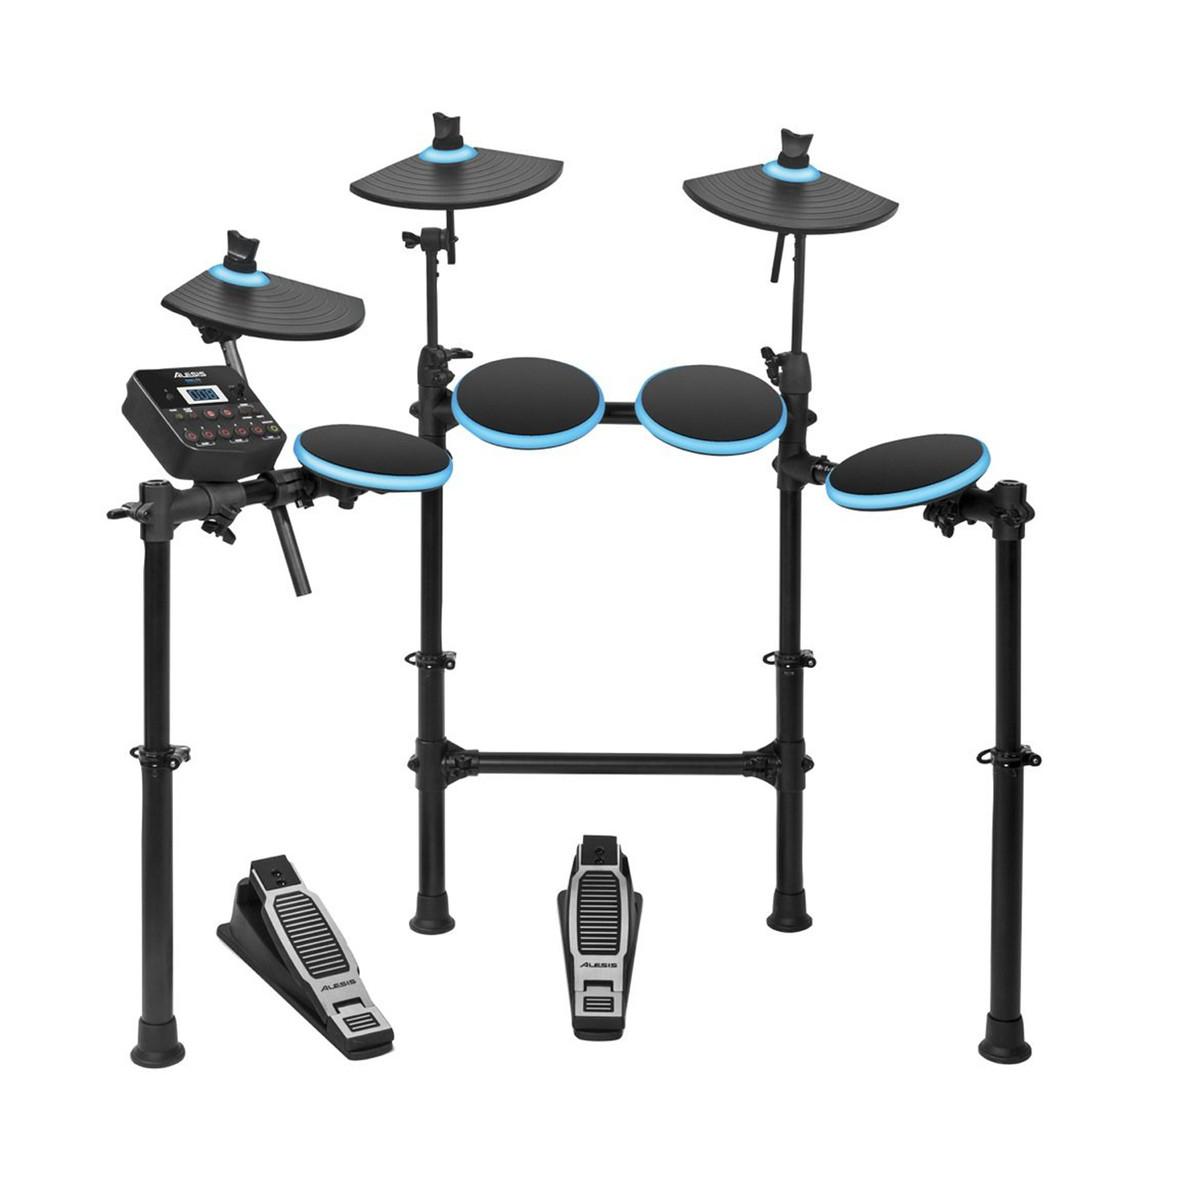 Image of Alesis DM Lite Electronic Drum Kit